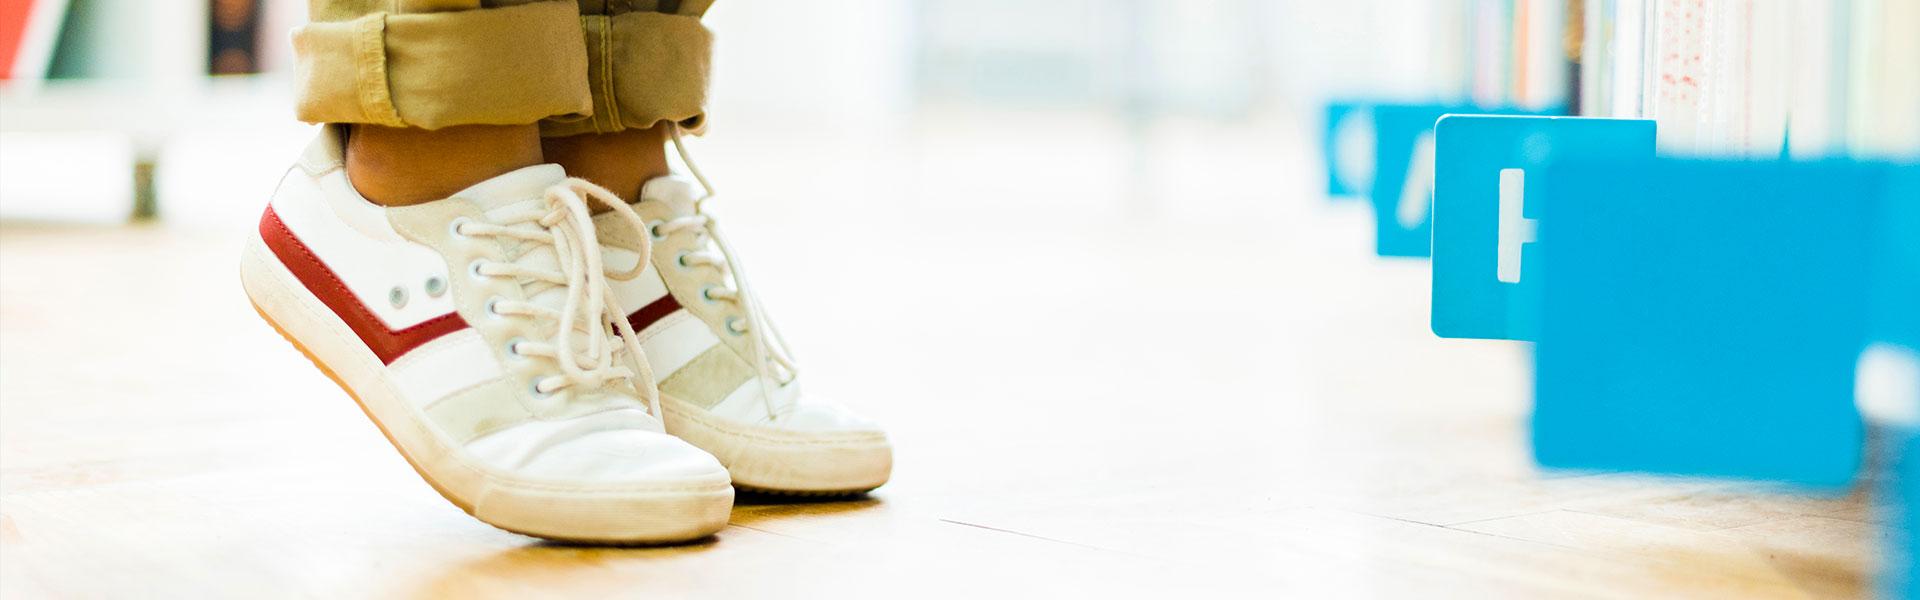 Βάδιση στις μύτες των ποδιών Ιωάννης Δελνιώτης